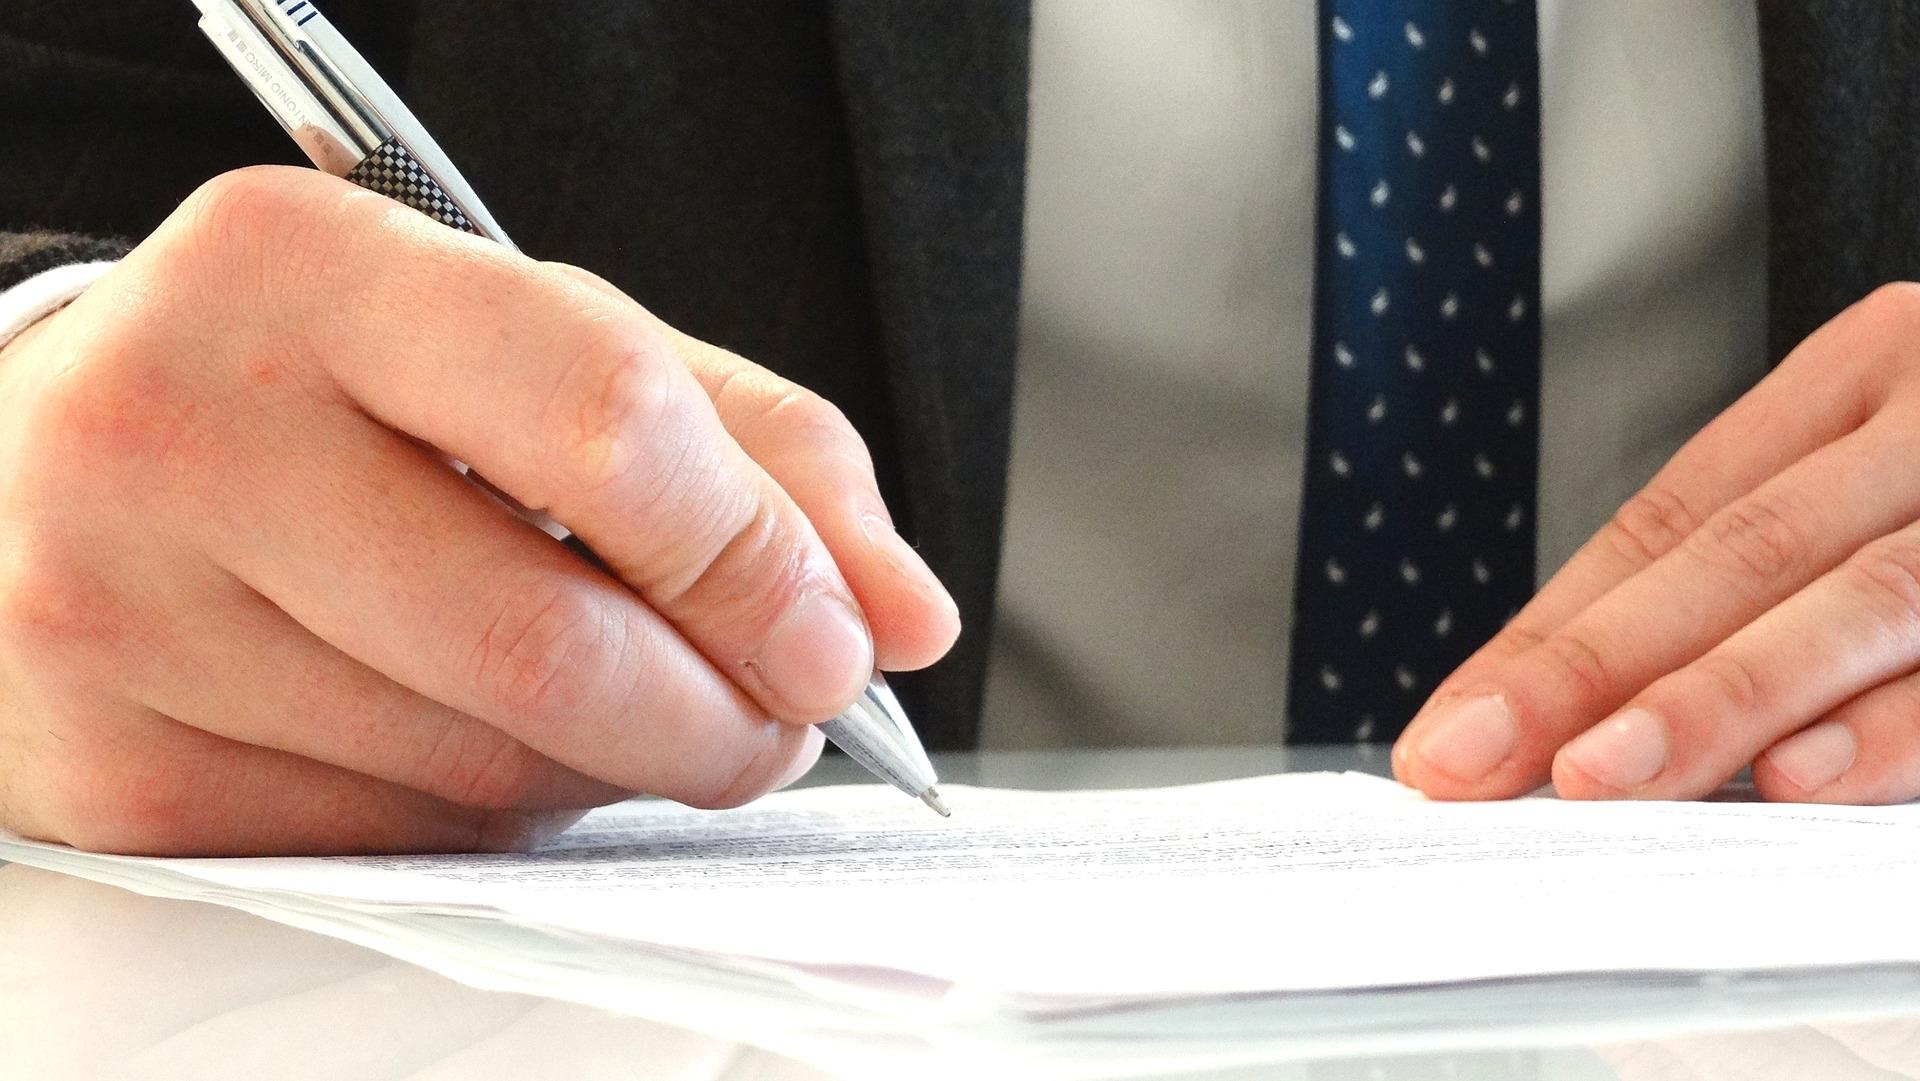 blanqueo declaracion jurada impuesto especial